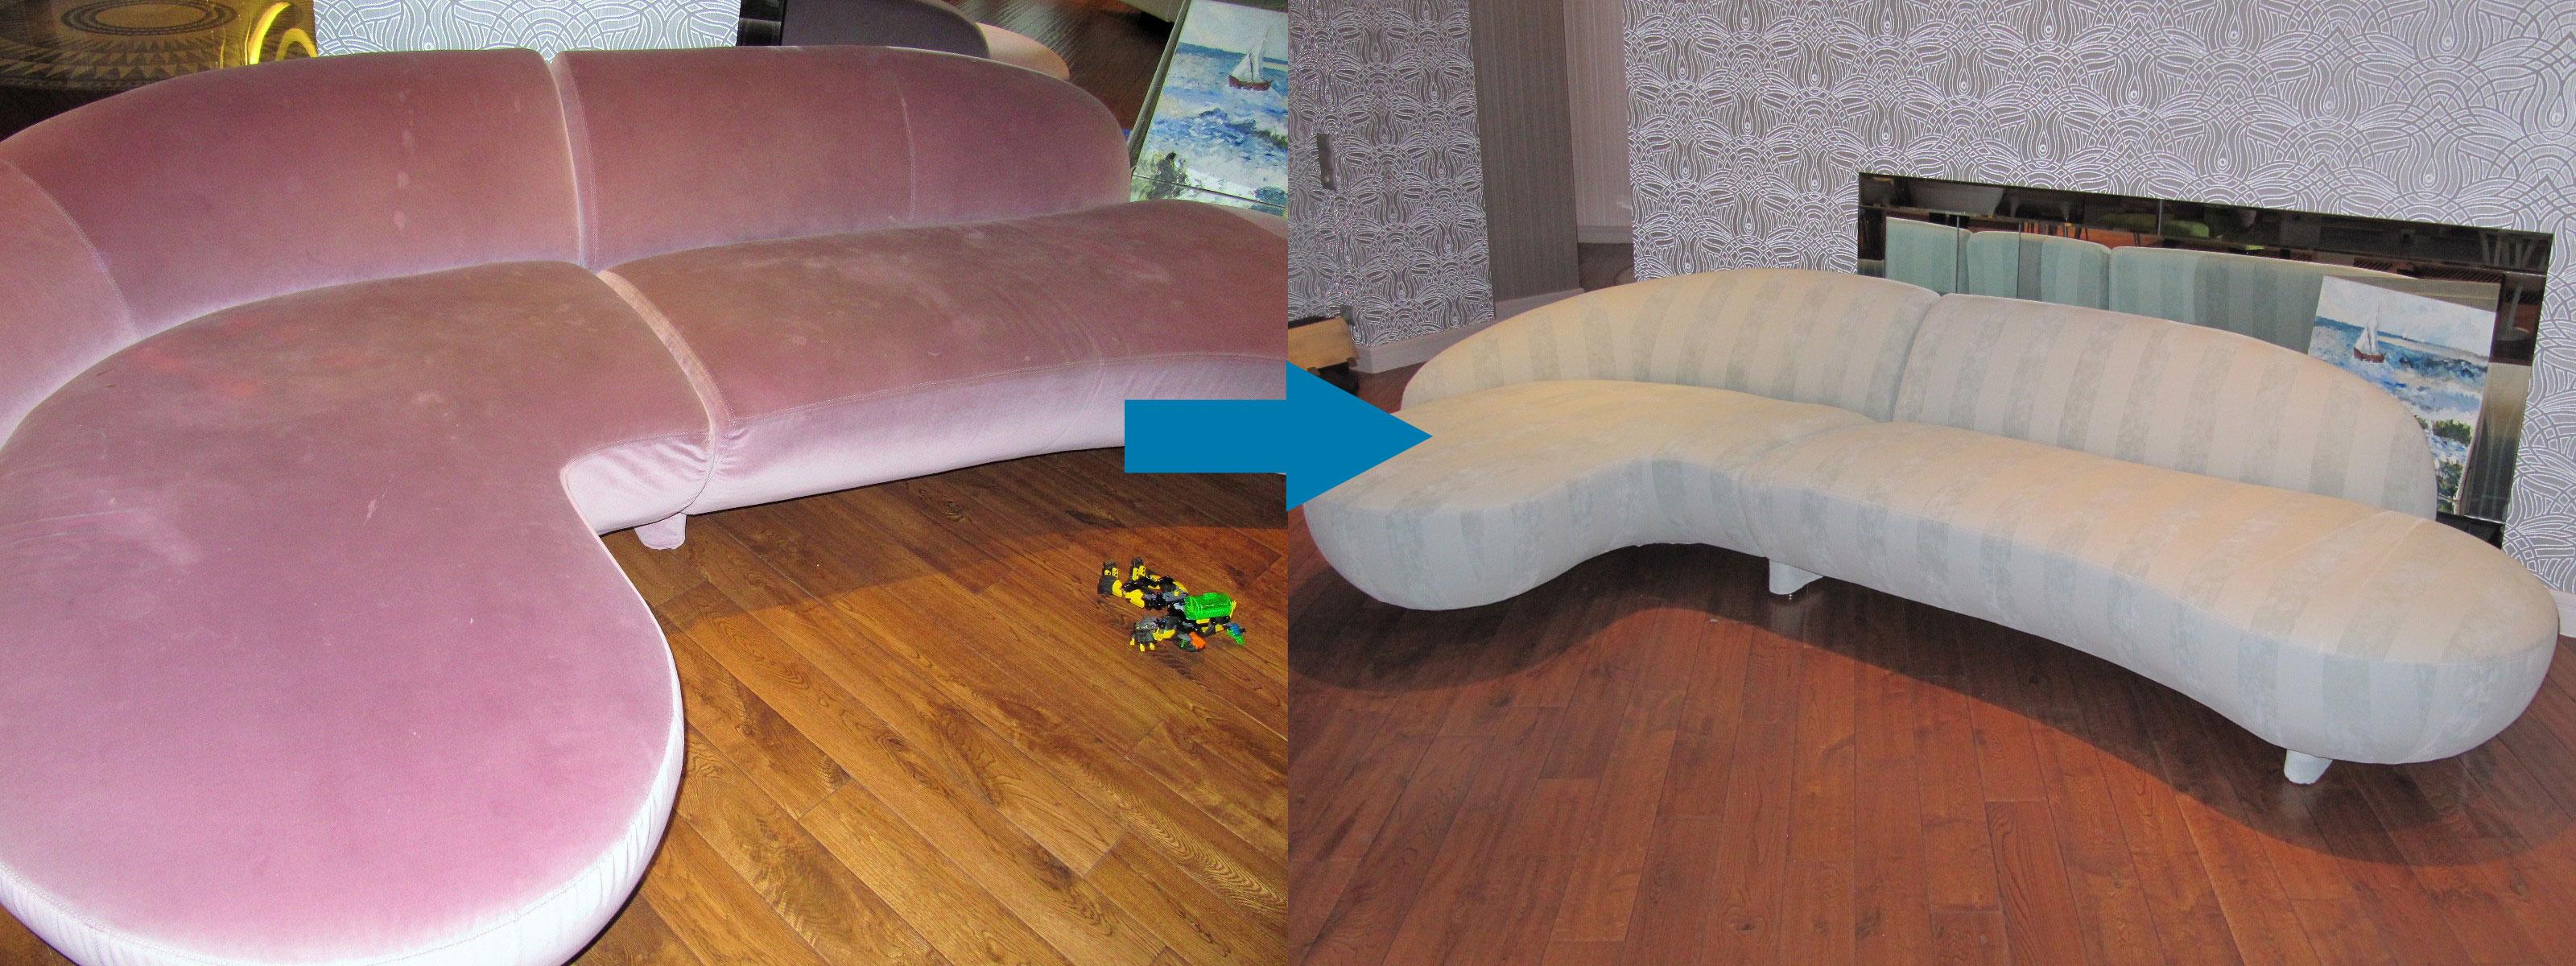 Как сделать обивку на диван